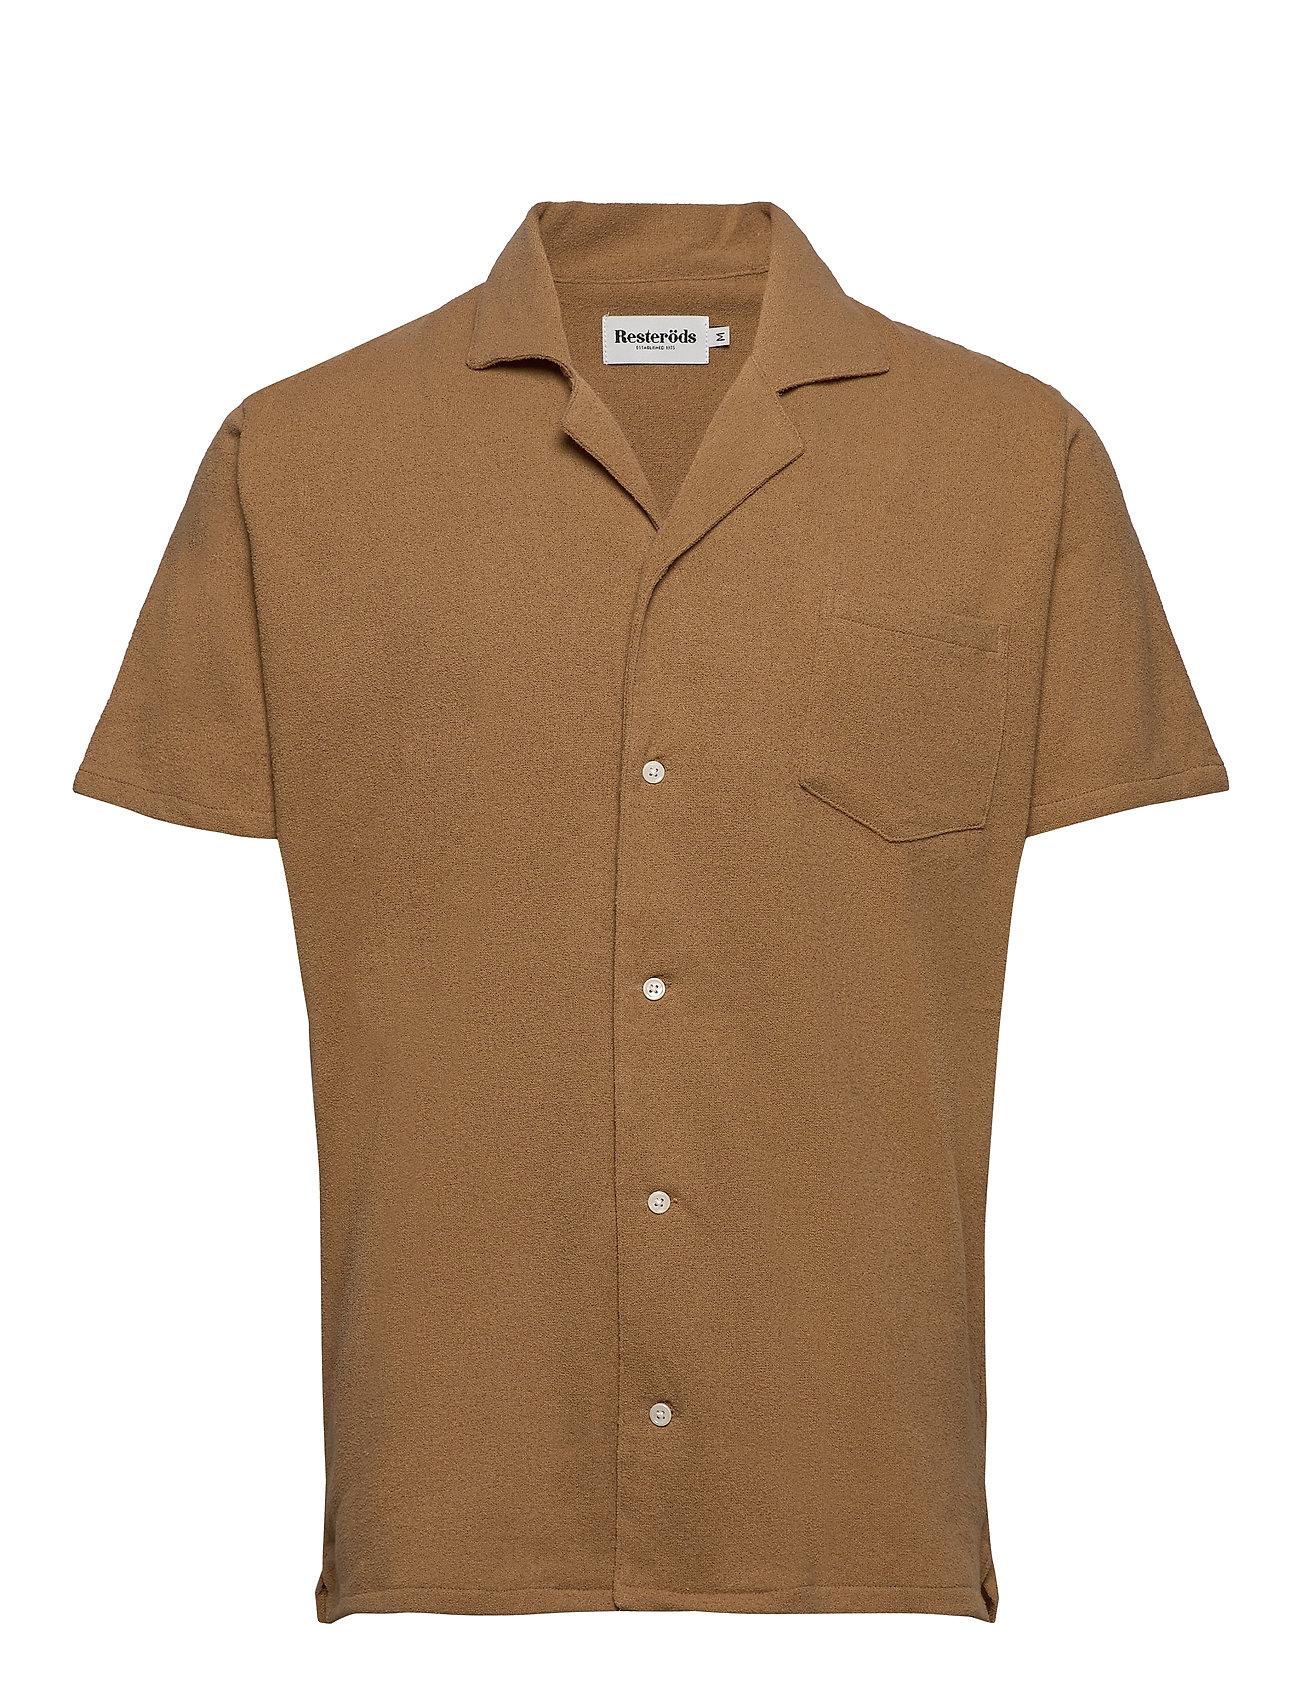 Image of Resort Shirt Terry ResteröDs Kortærmet Skjorte Brun Resteröds (3443838413)